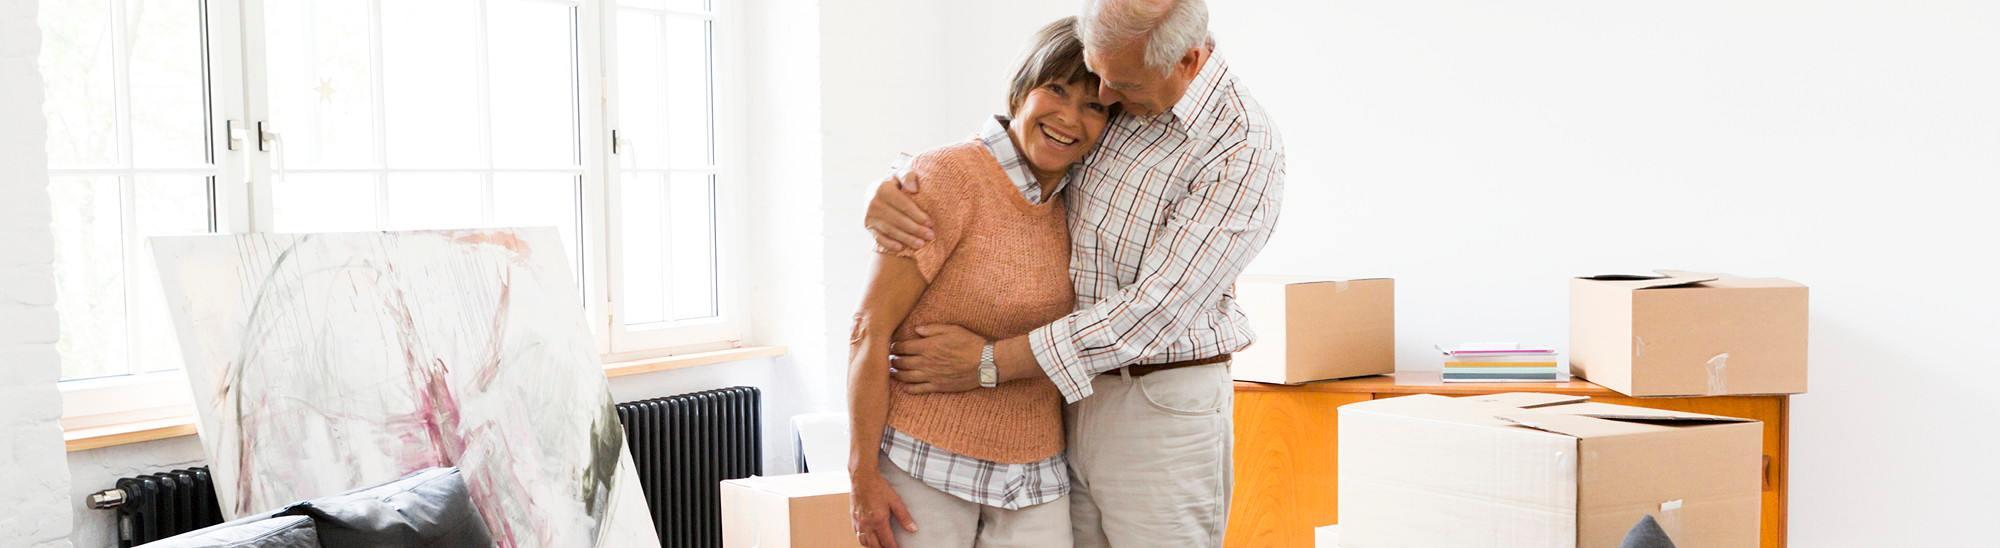 Seniorenumzug älteres Ehepaar in neuer Wohnung